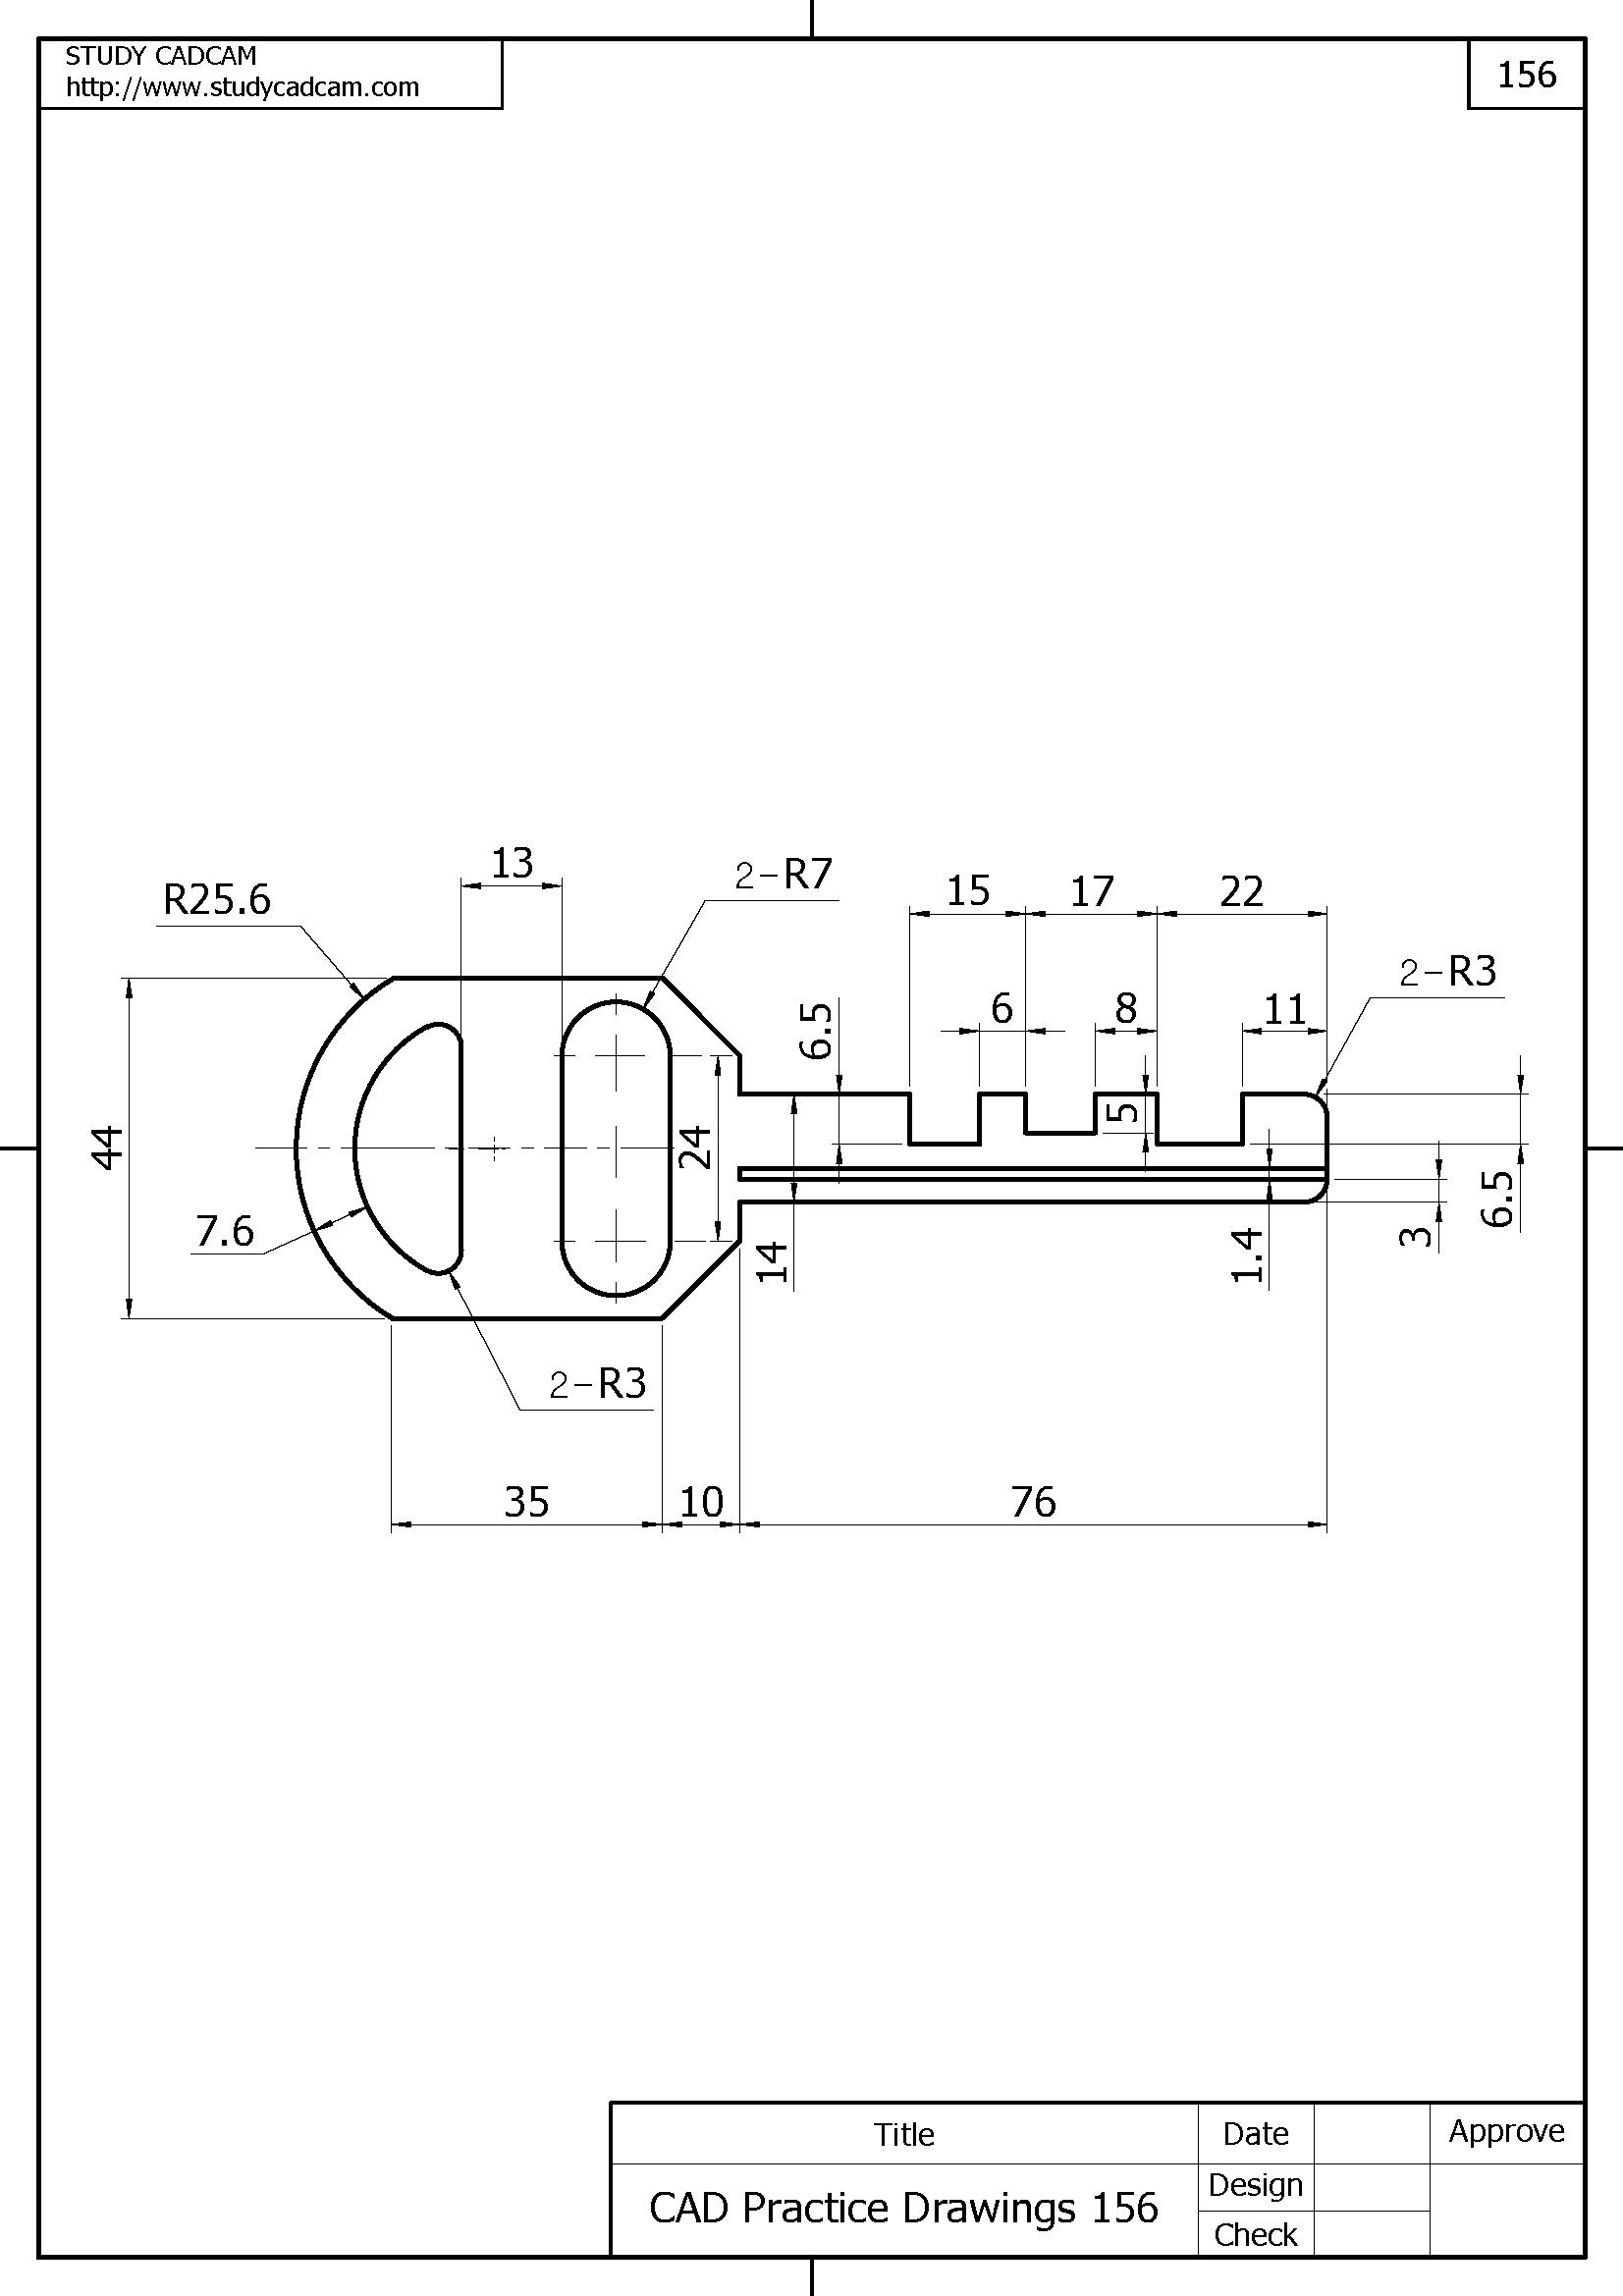 Pin De Ro Cabre En Geometric Ejercicios De Dibujo Tecnicas De Dibujo Dibujo Tecnico Ejercicios